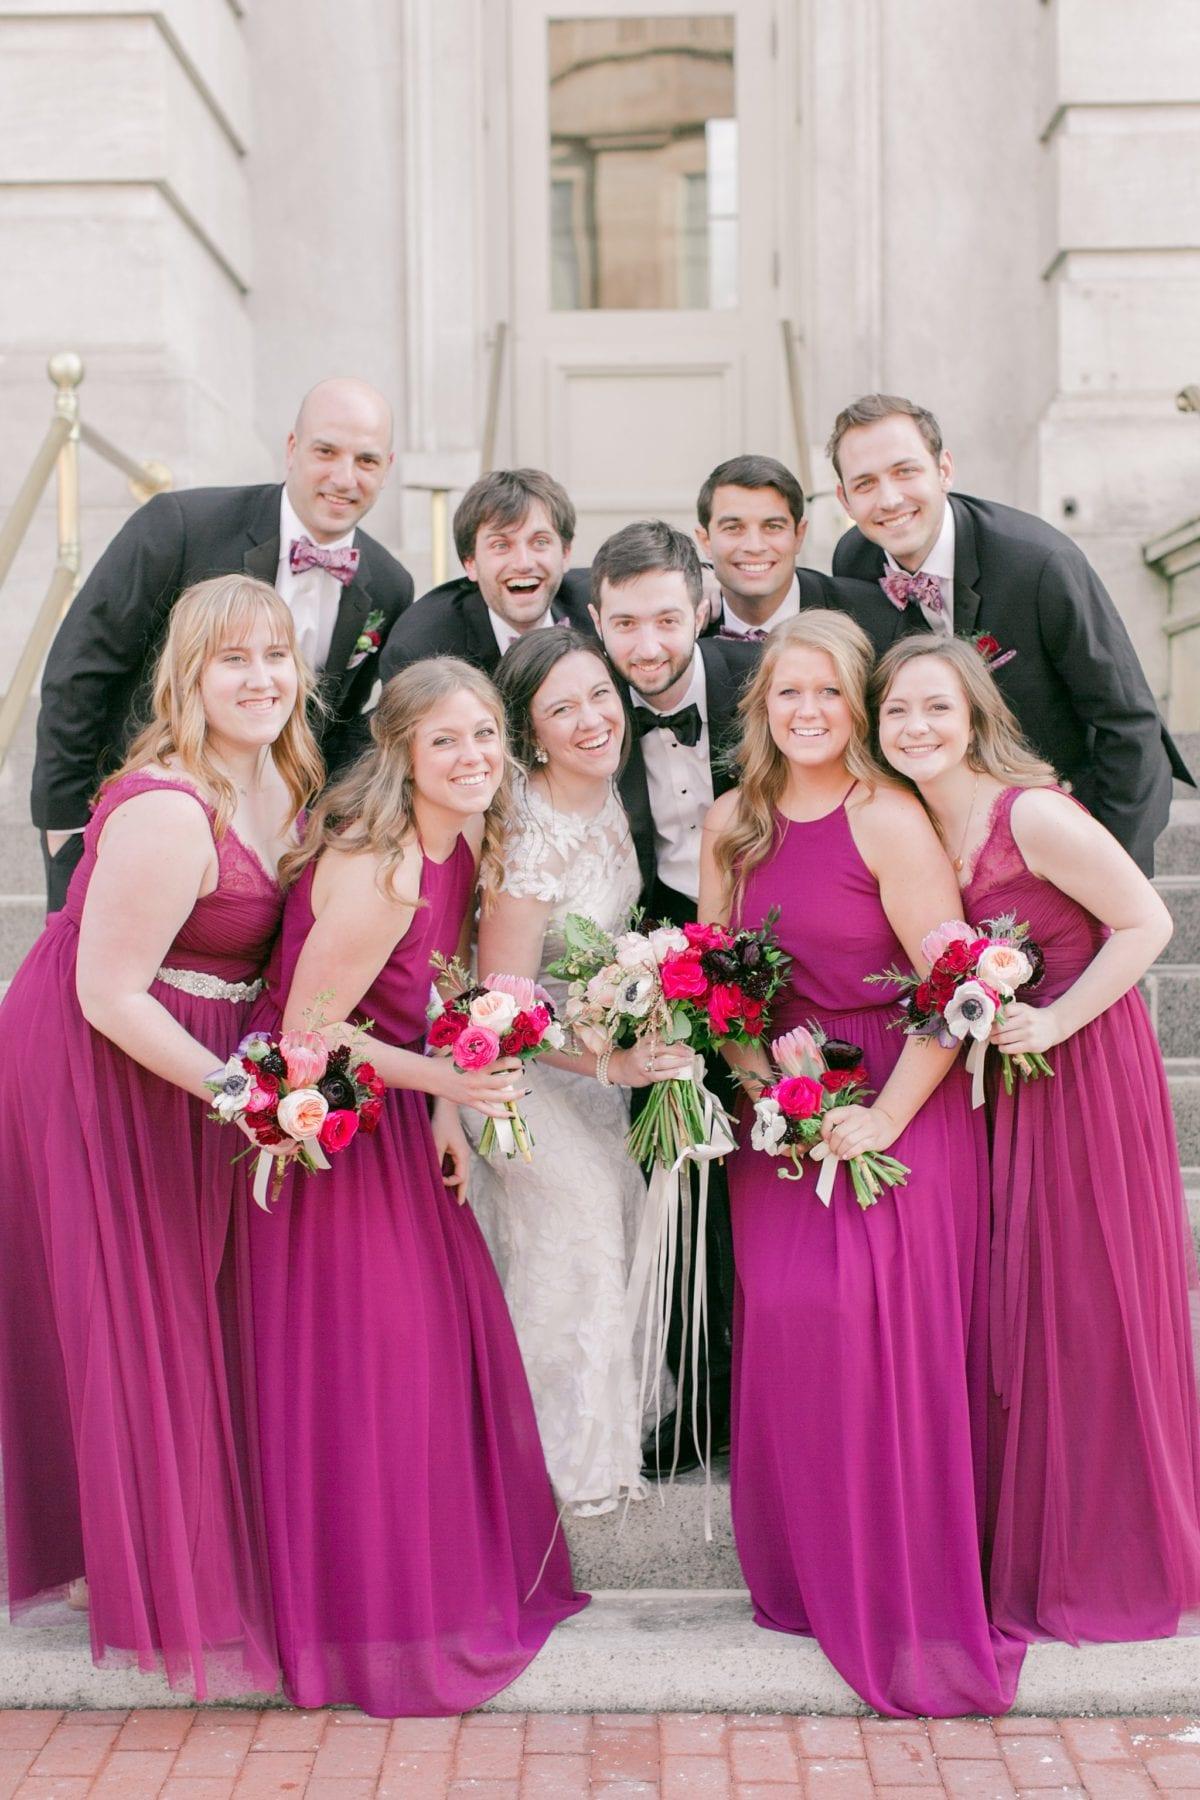 Hotel Monaco Washington DC Wedding Photos Megan Kelsey Photography Erin & Mike -204